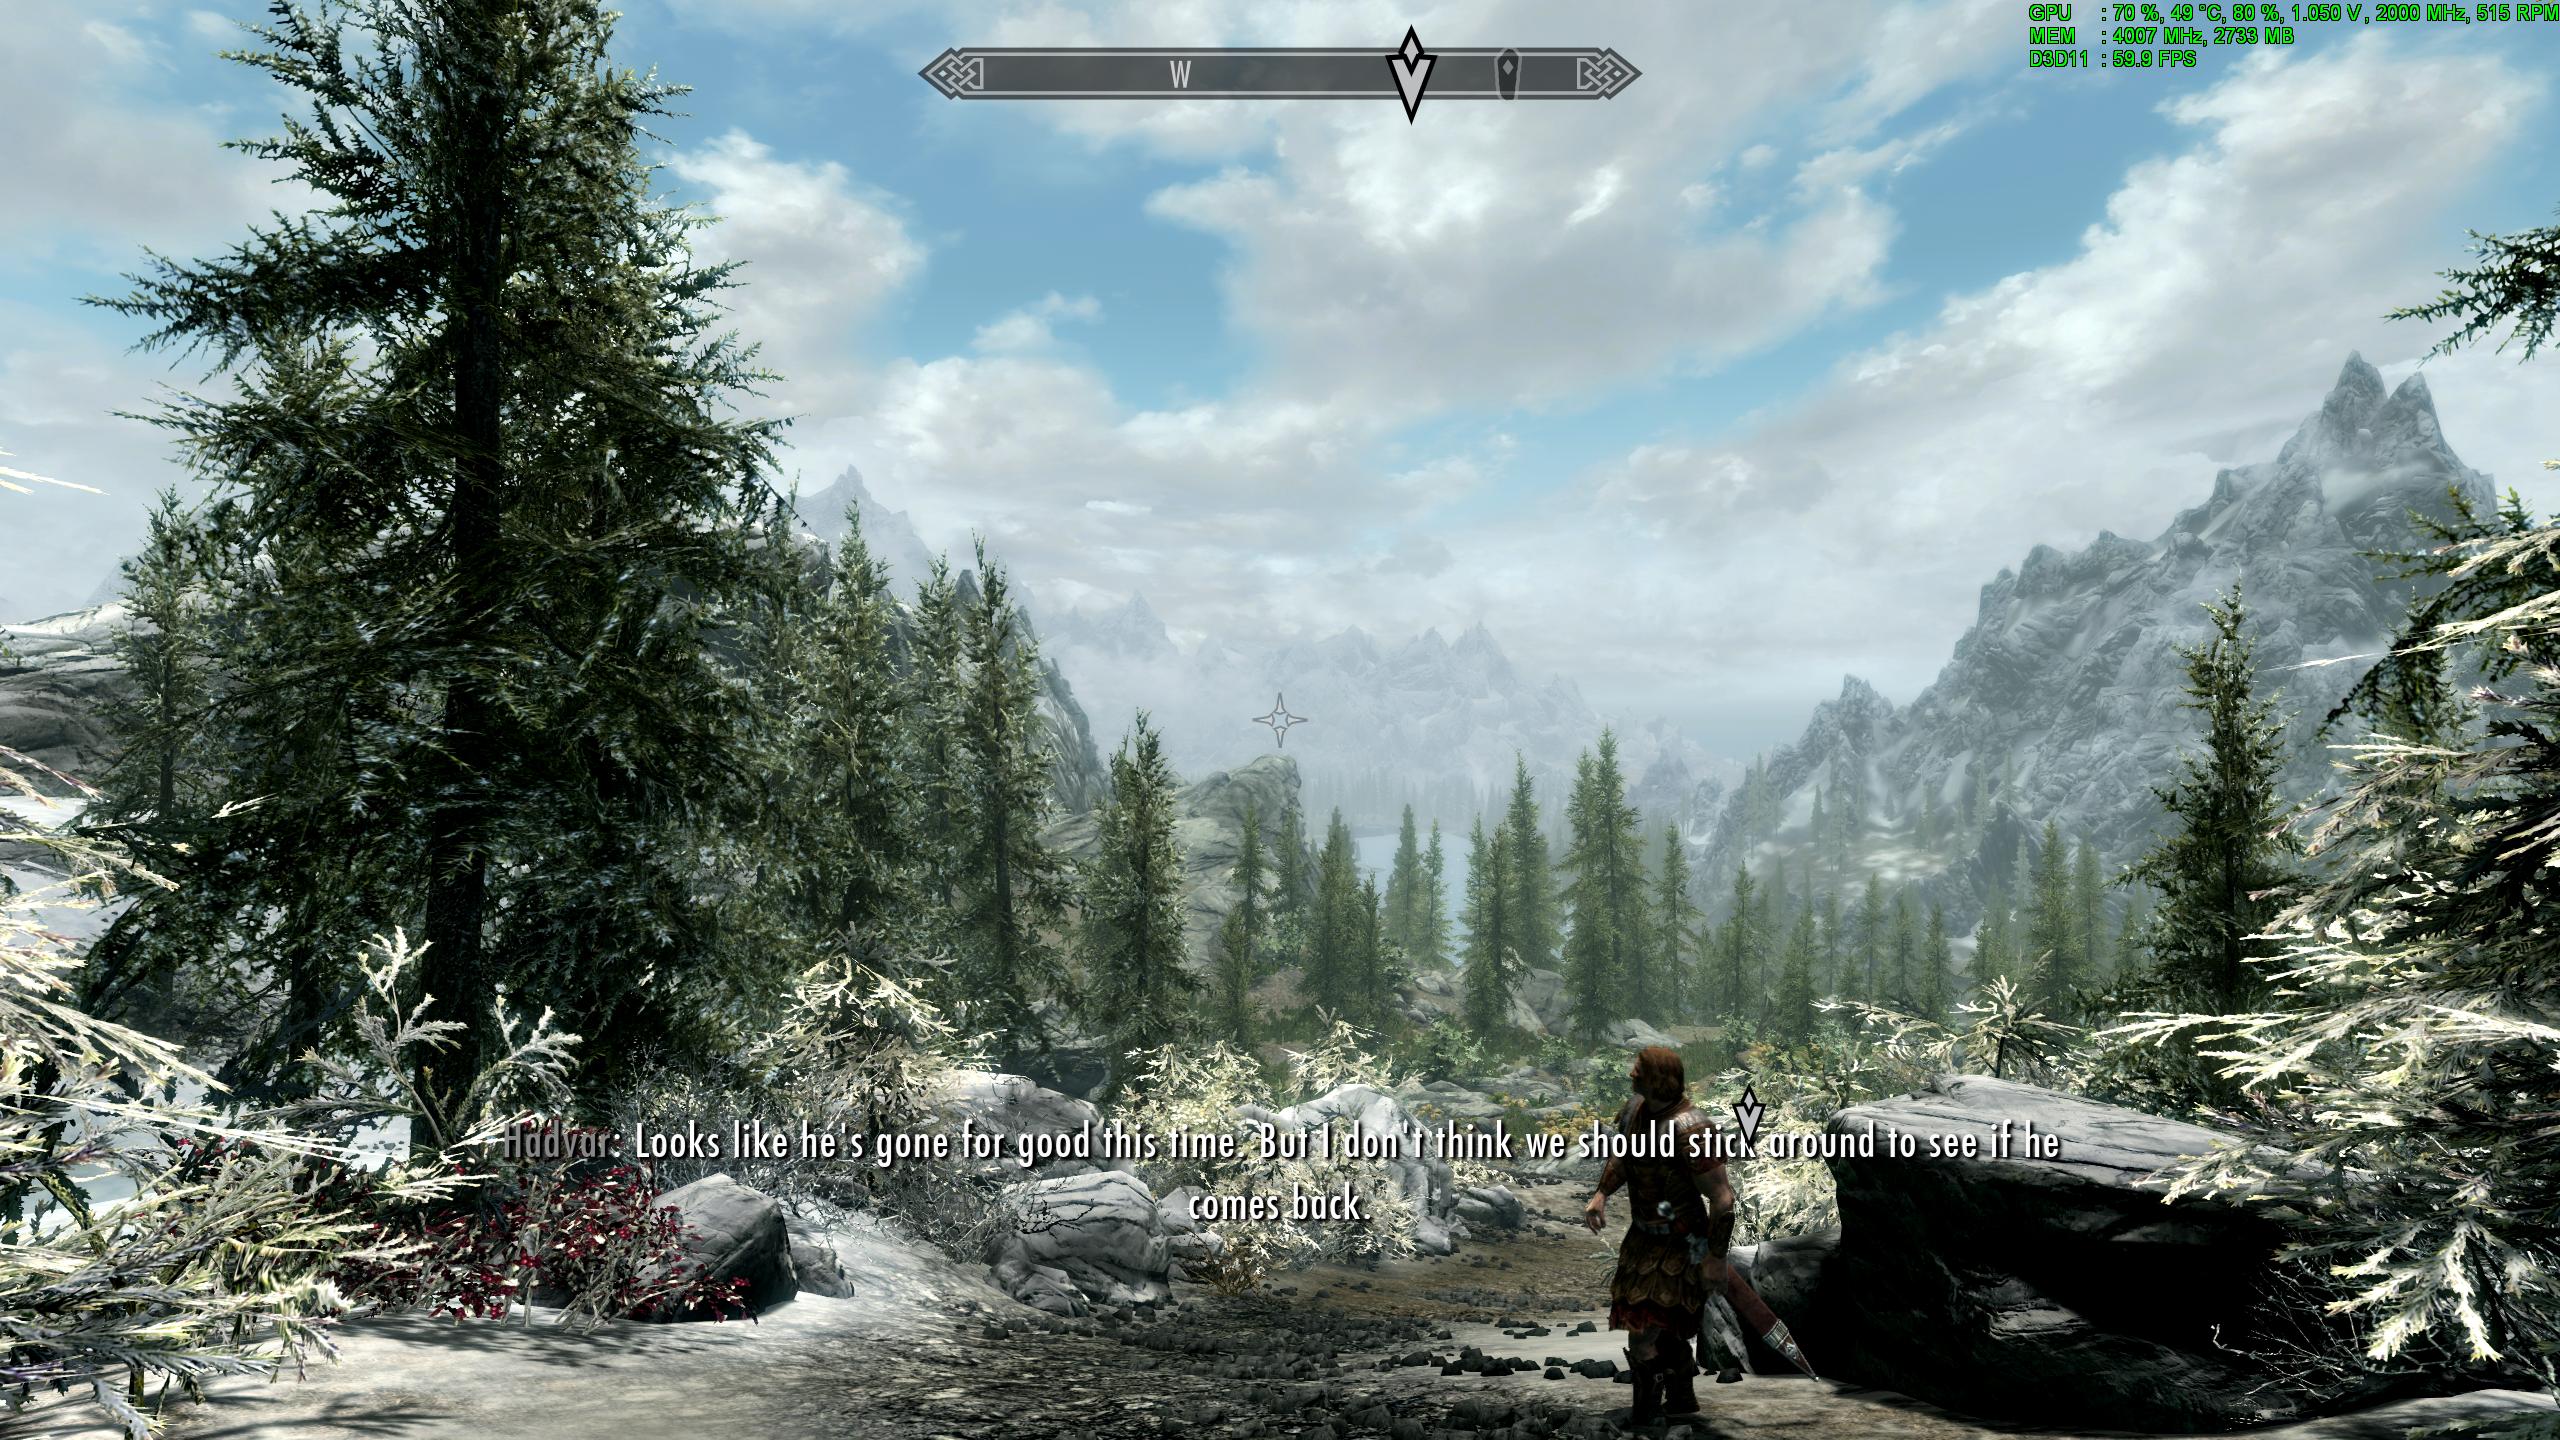 Official] The Elder Scrolls V: Skyrim Information and